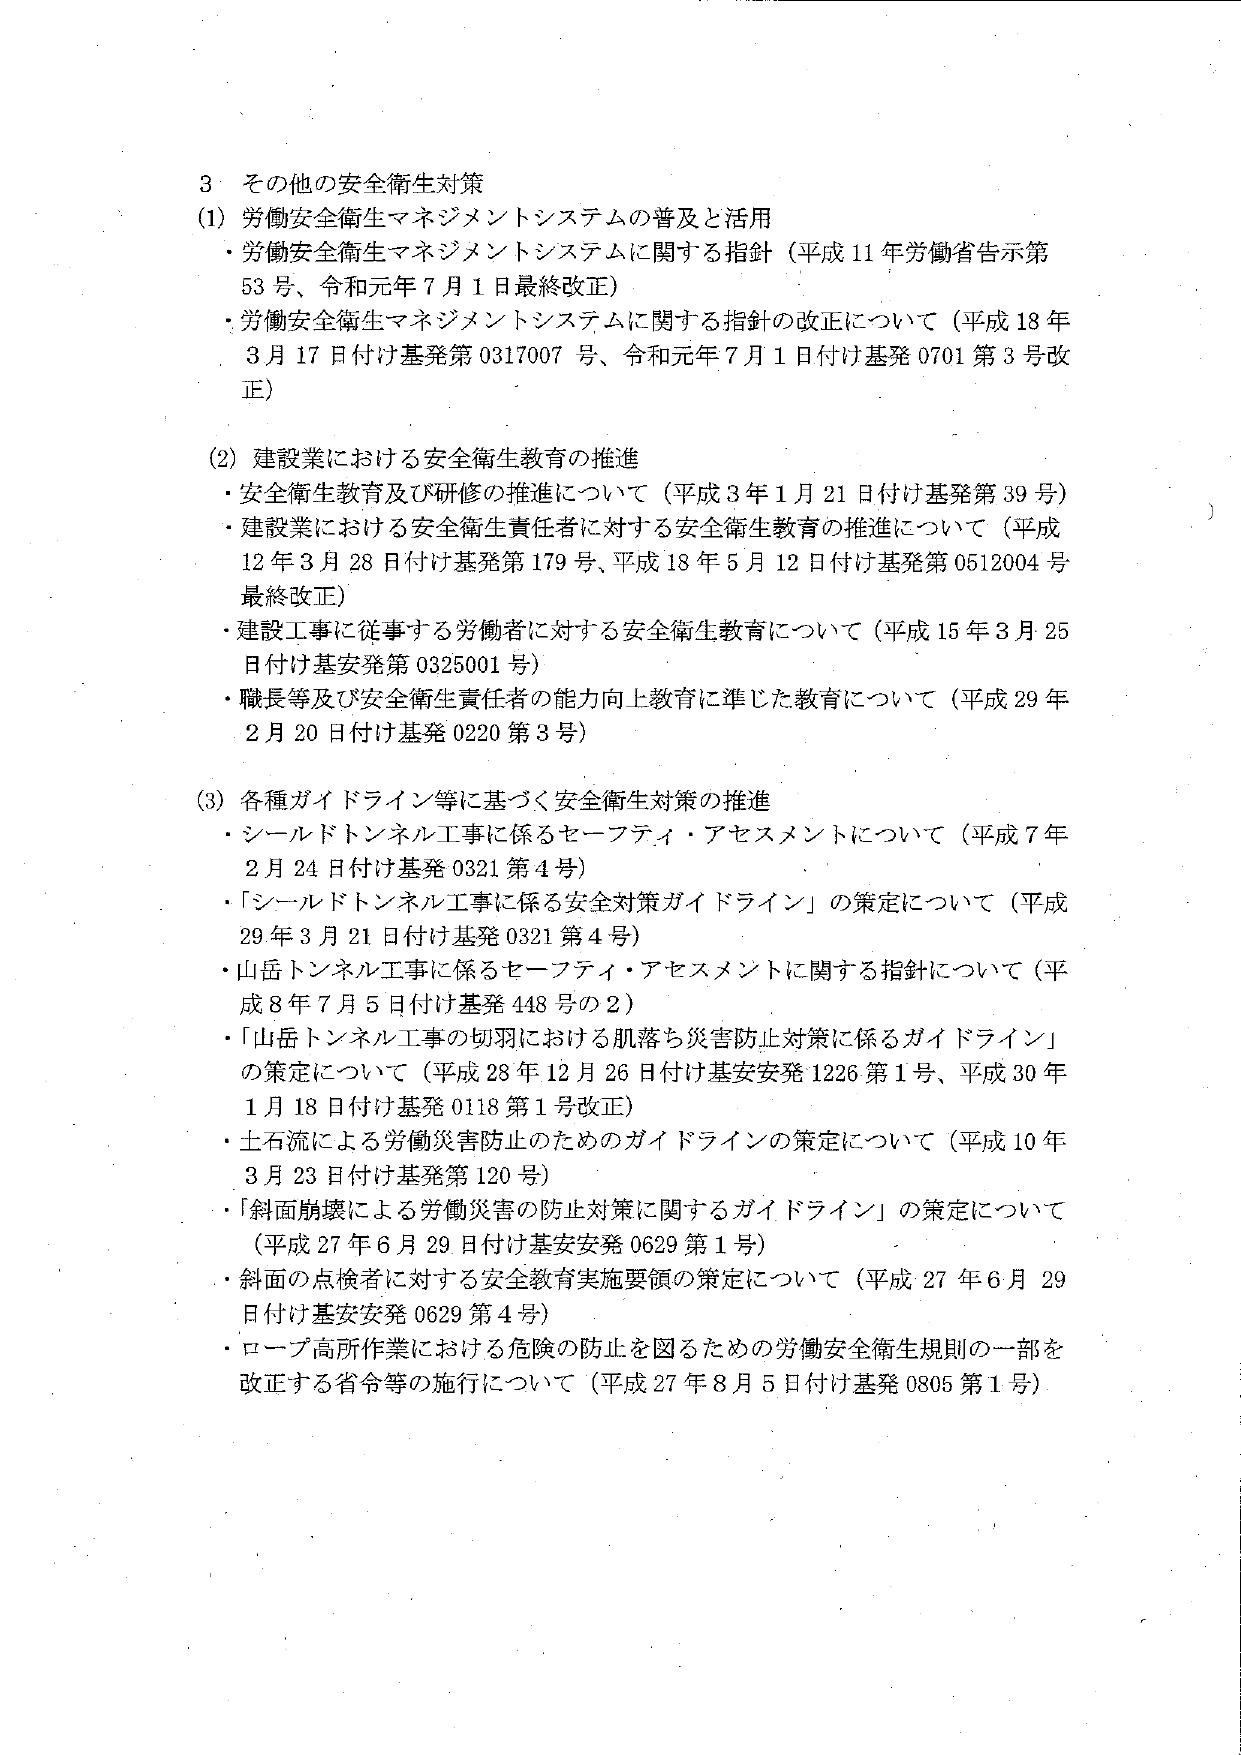 令和2年度における建設業の安全衛生対策の推進について(要請)_page-0013